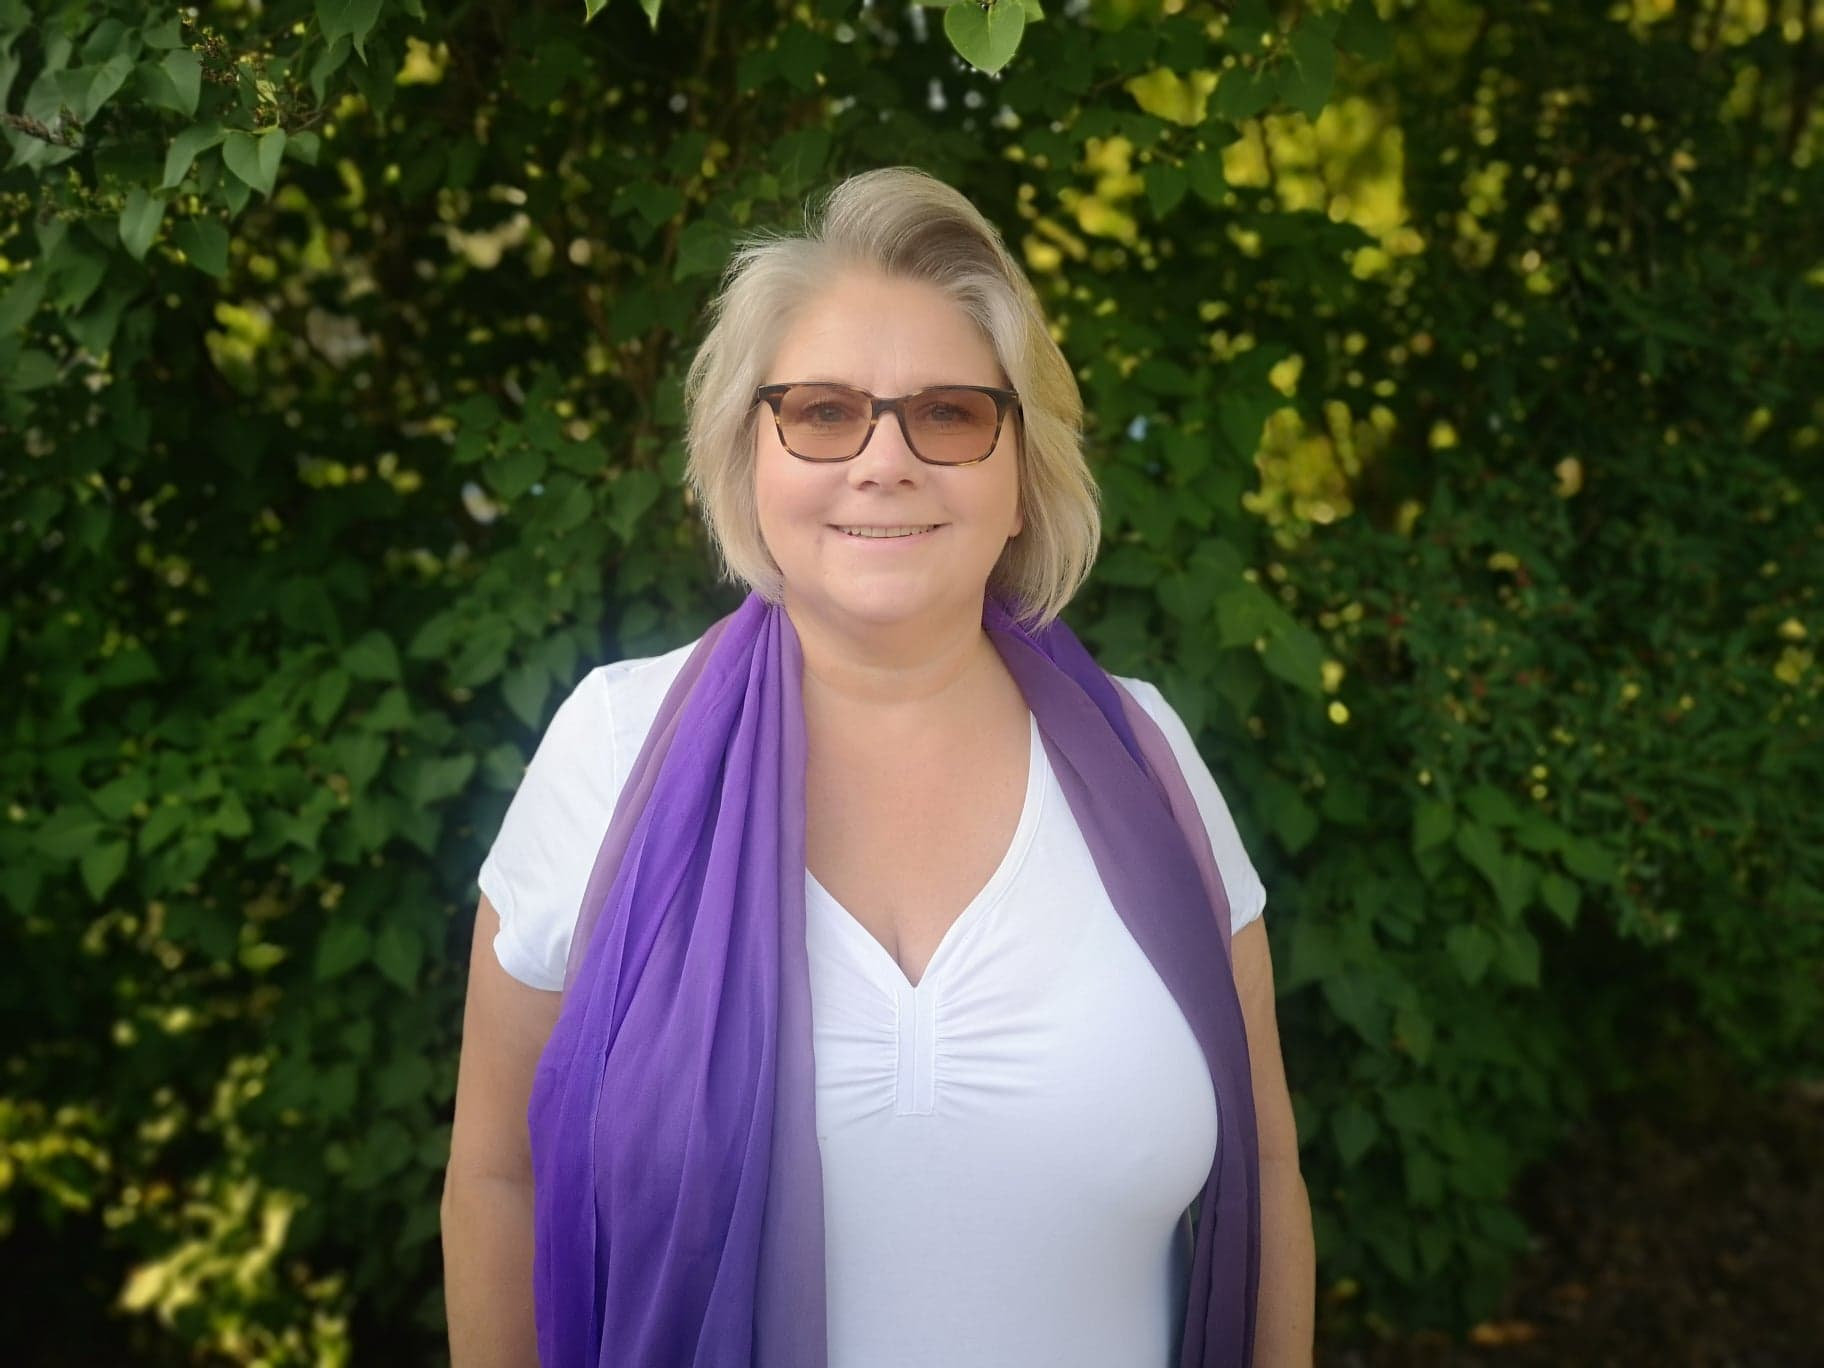 Ingrid Bremark